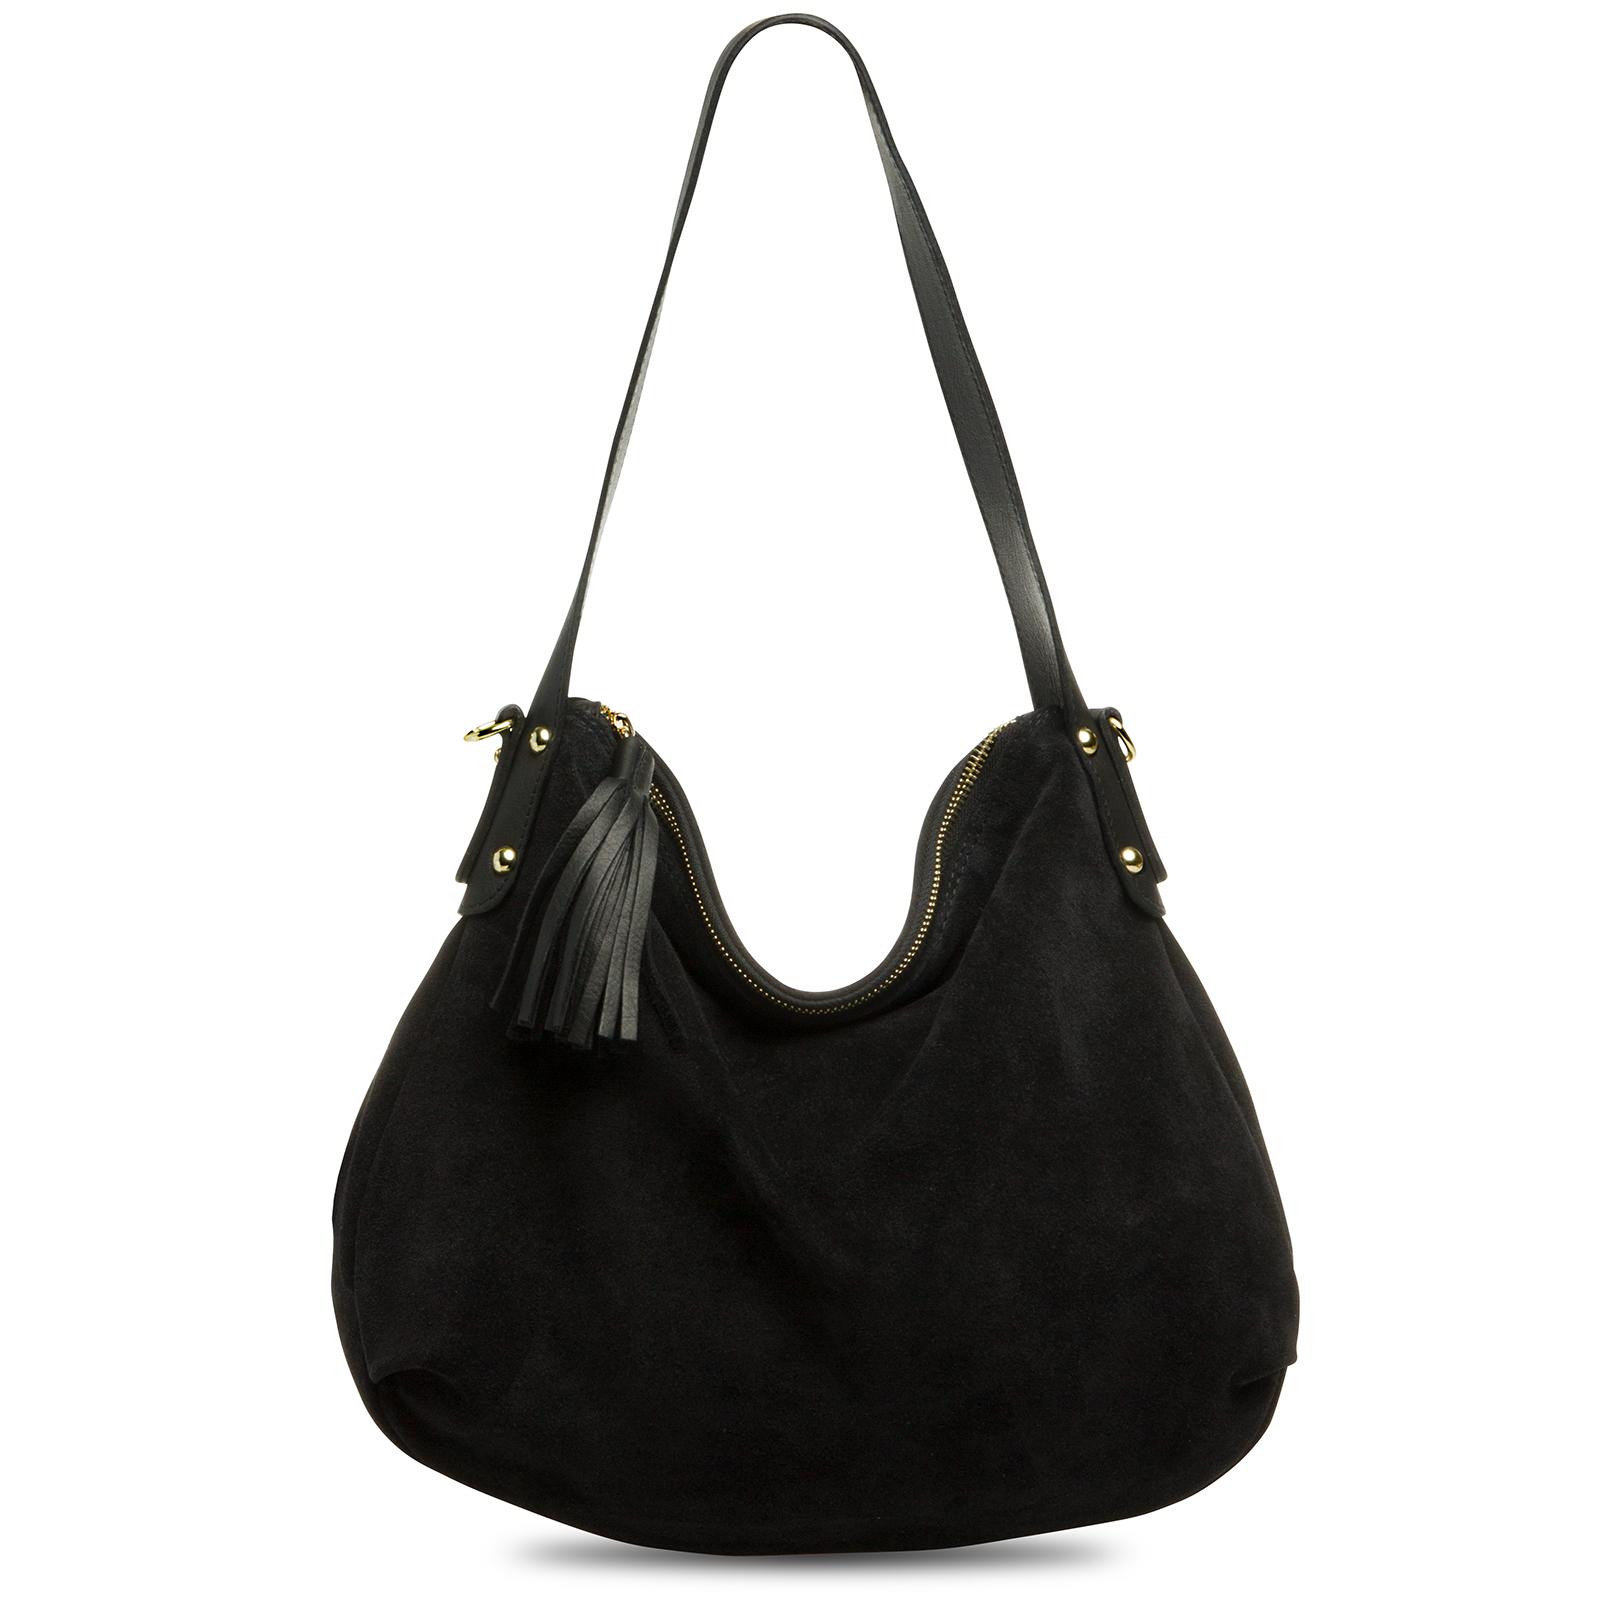 0398a7ef50186 Damentaschen CASPAR Damen Tasche Handtasche Umhängetasche Messenger Bag  Echt Leder